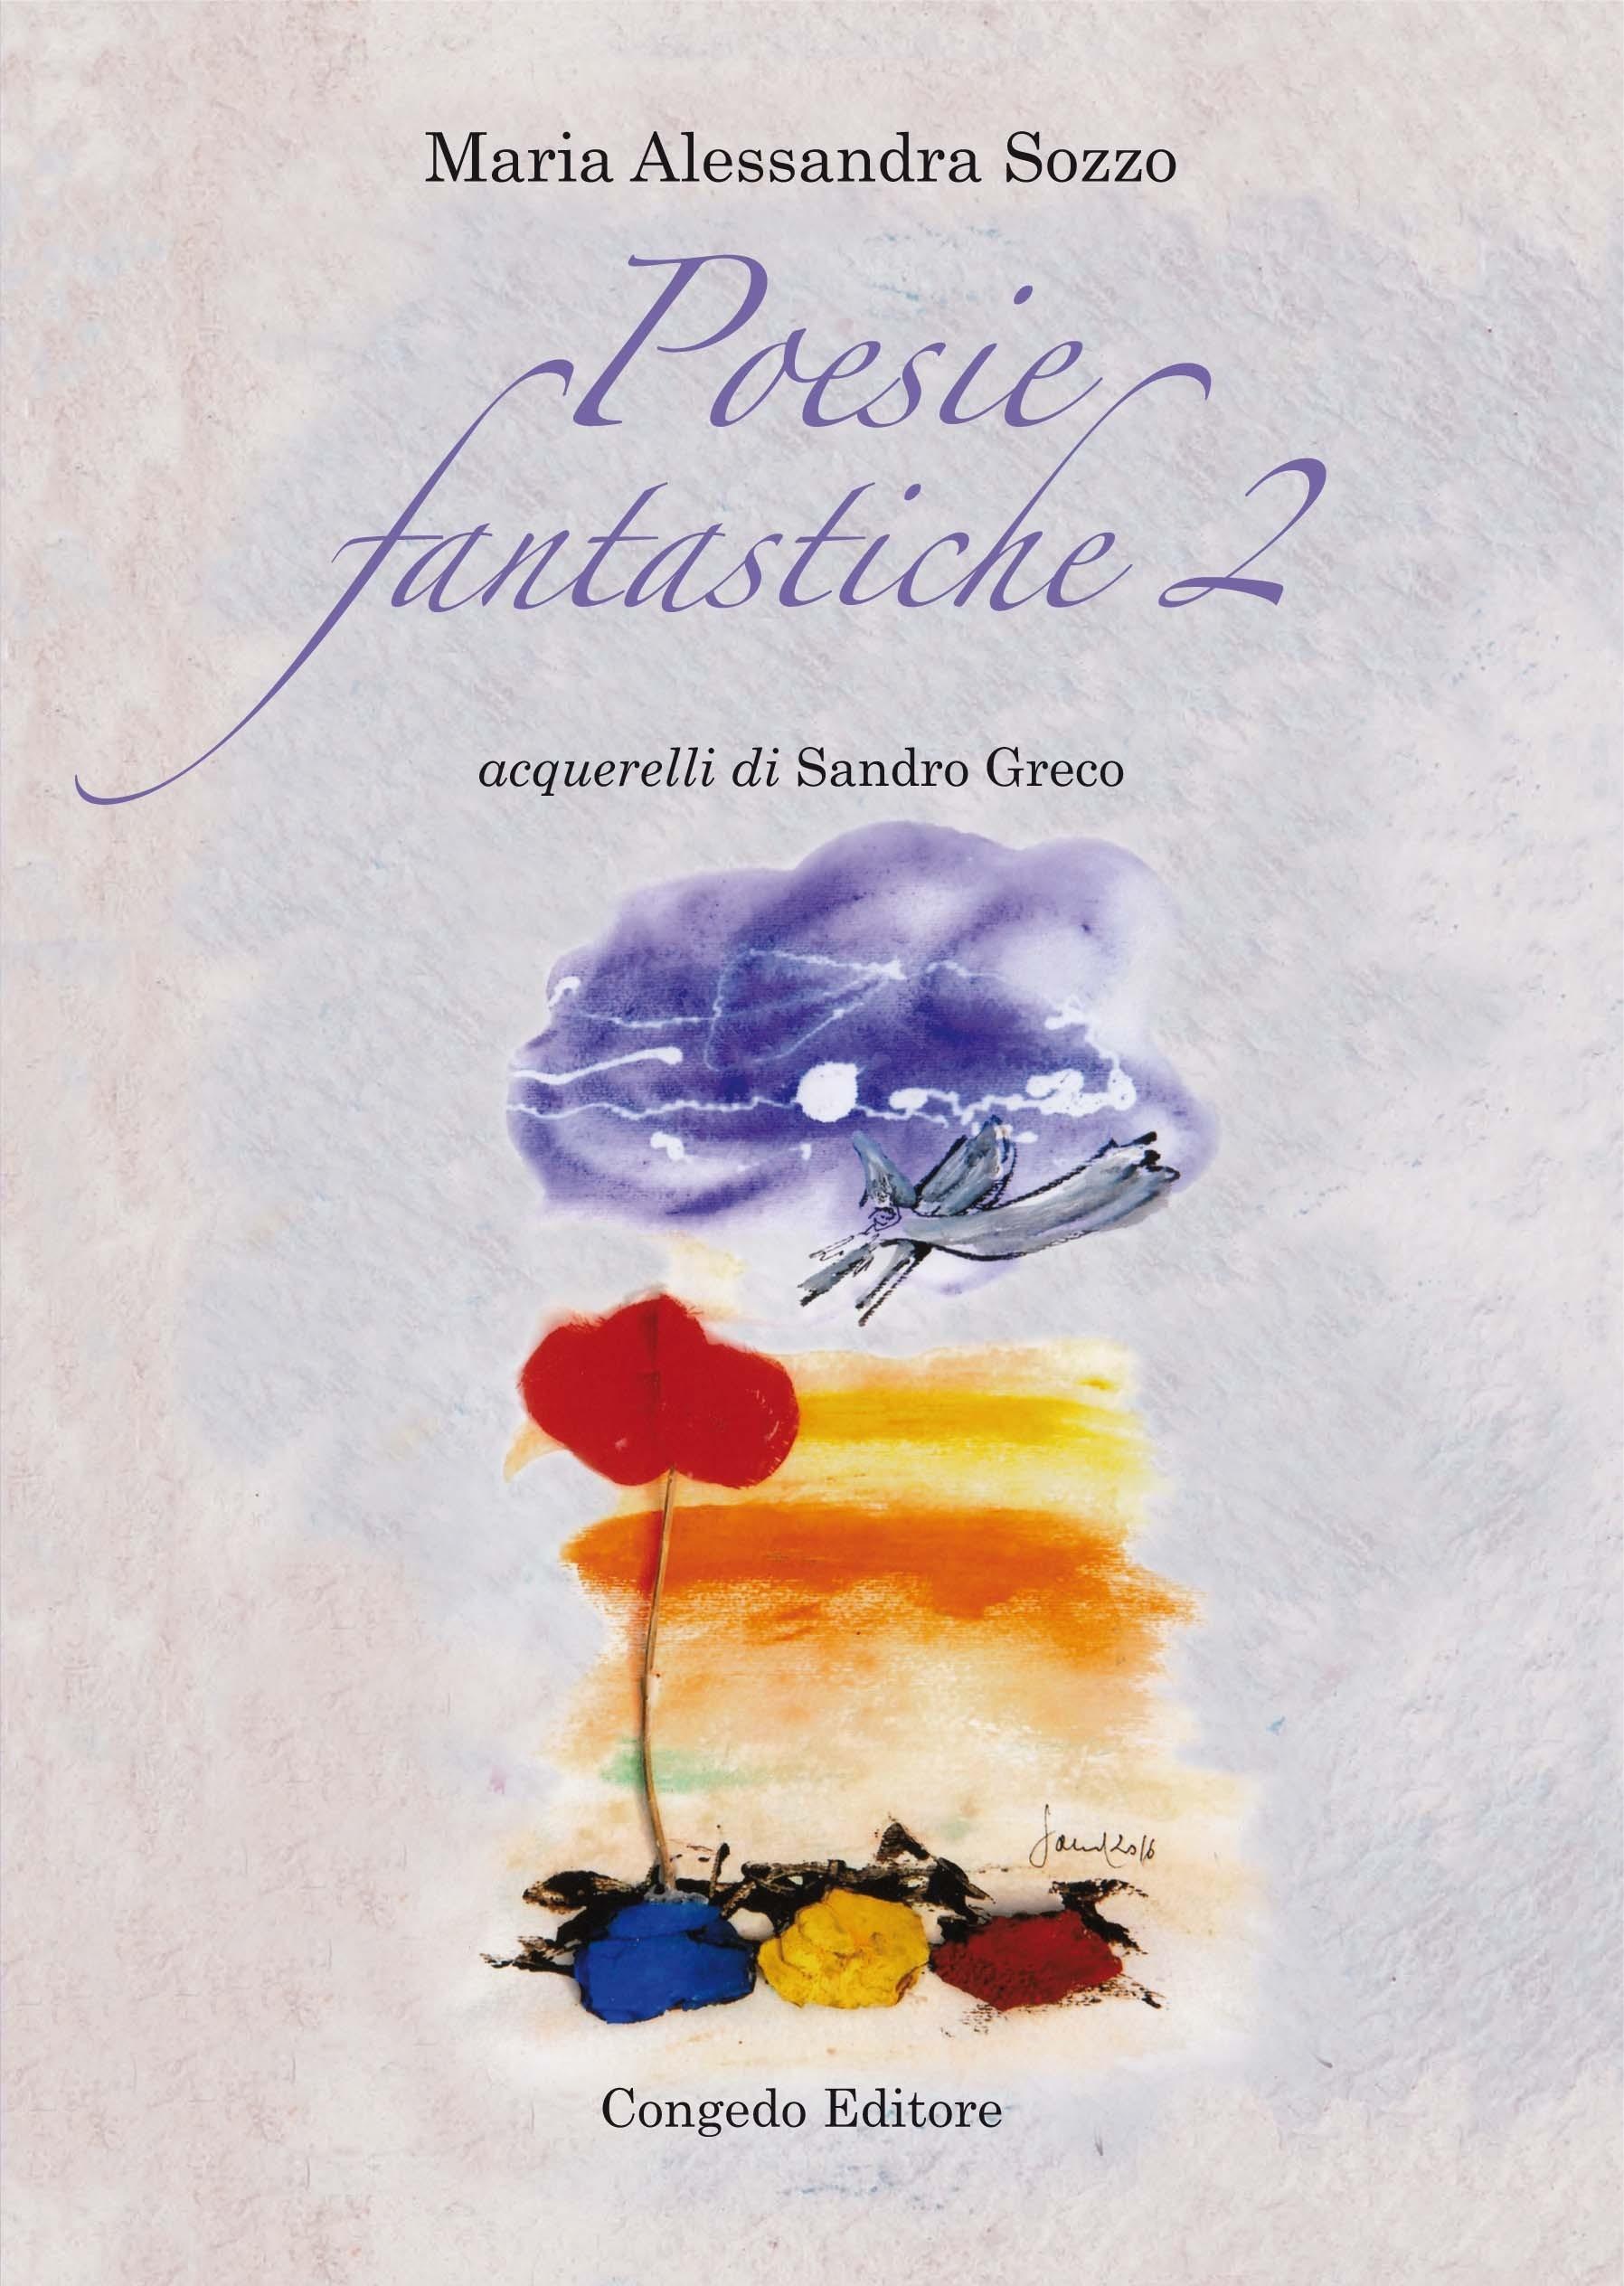 Poesie fantastiche, 2